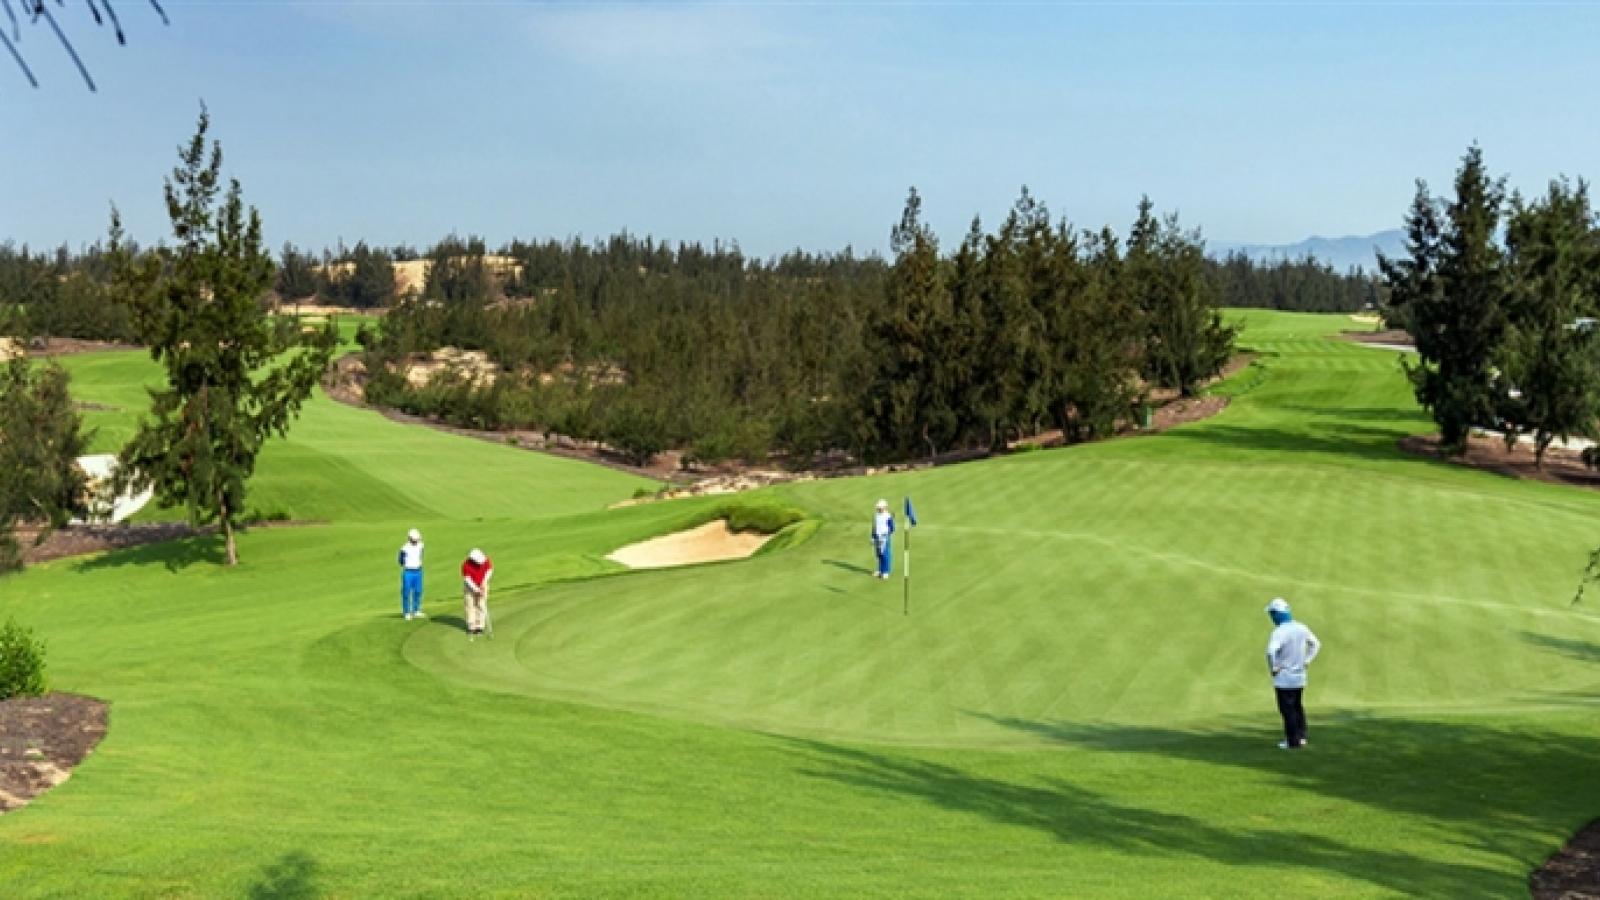 Đình chỉ công tác Giám đốc Sở Du lịch Bình Định chơi golf khi tỉnh giãn cách xã hội